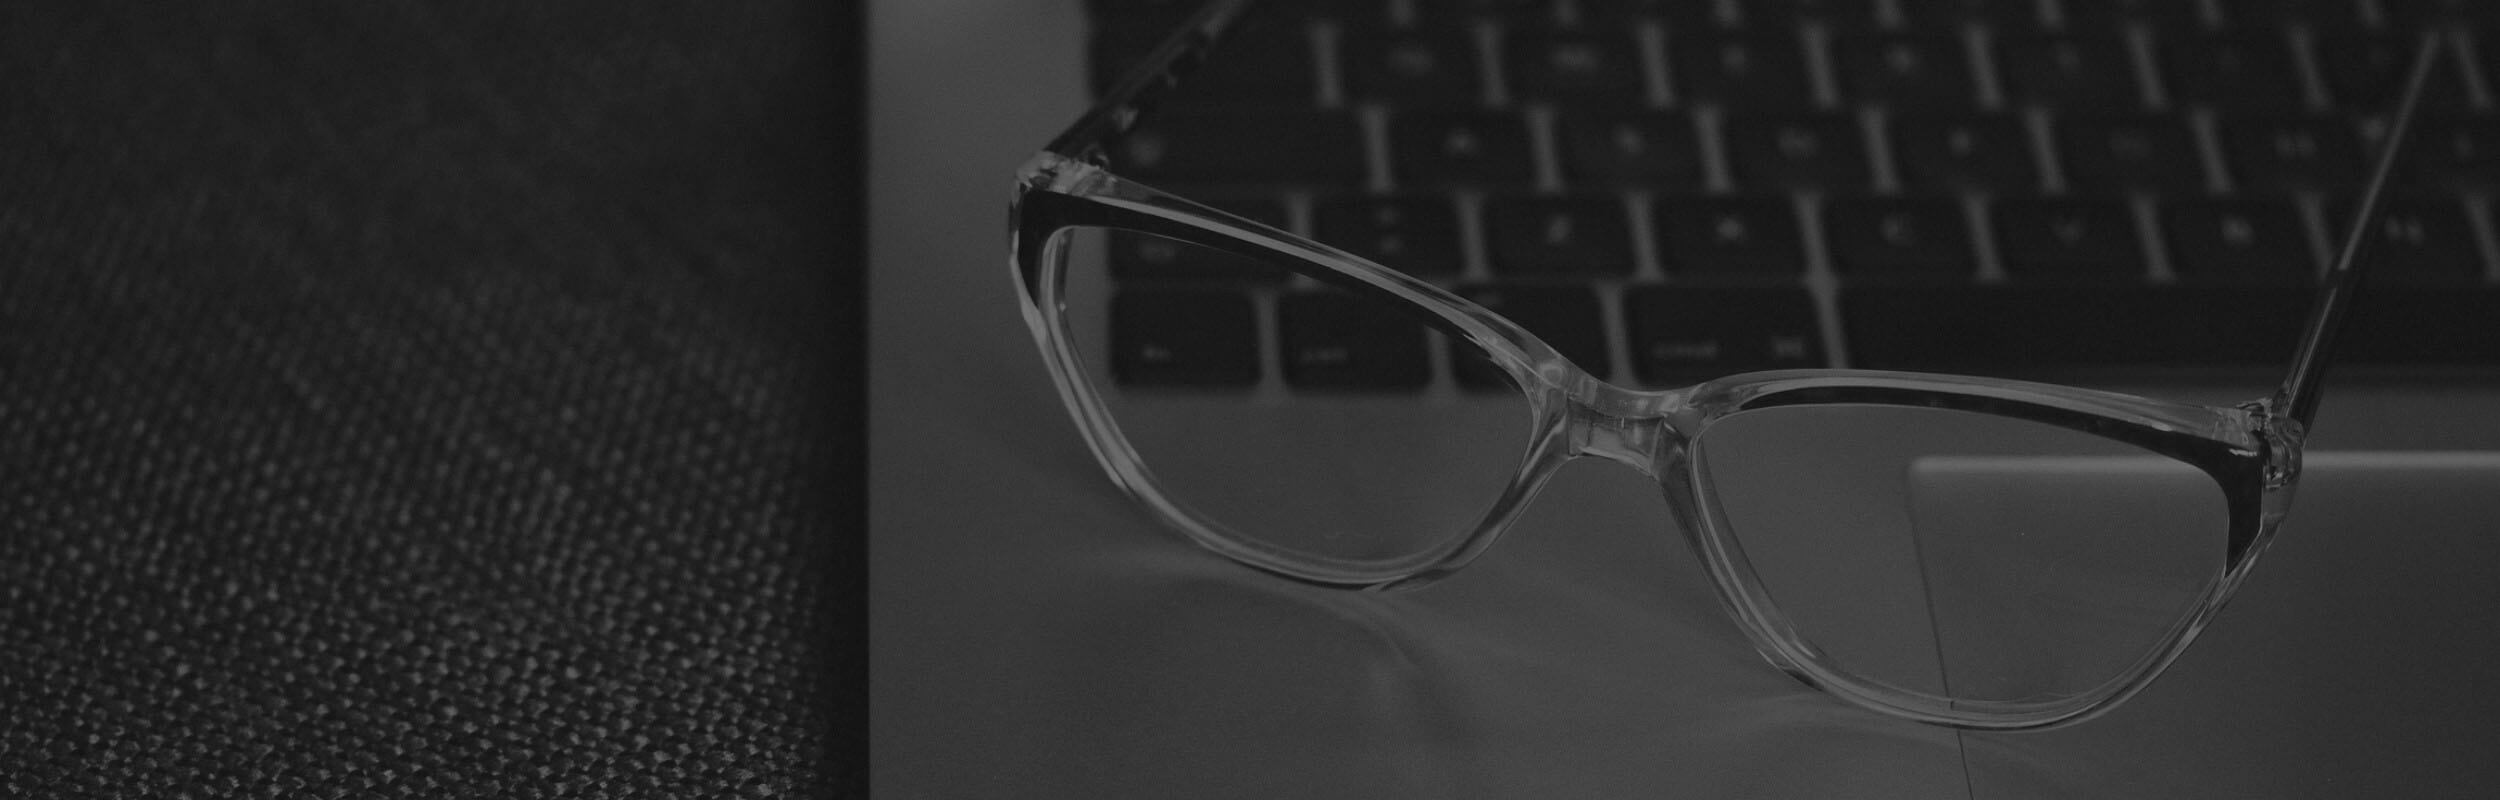 okuliare na notebooku